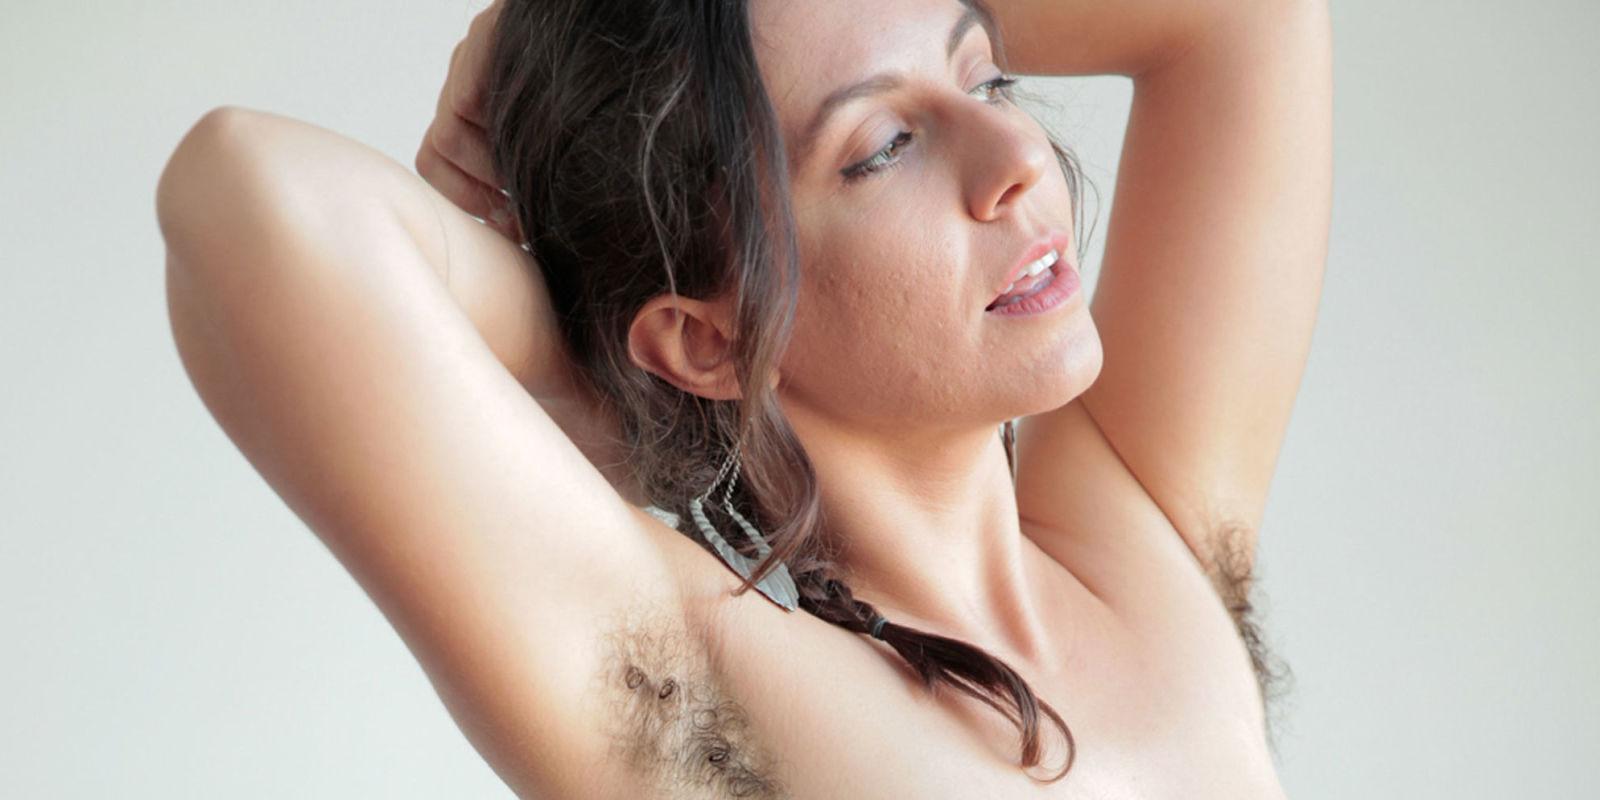 hairy women webcam